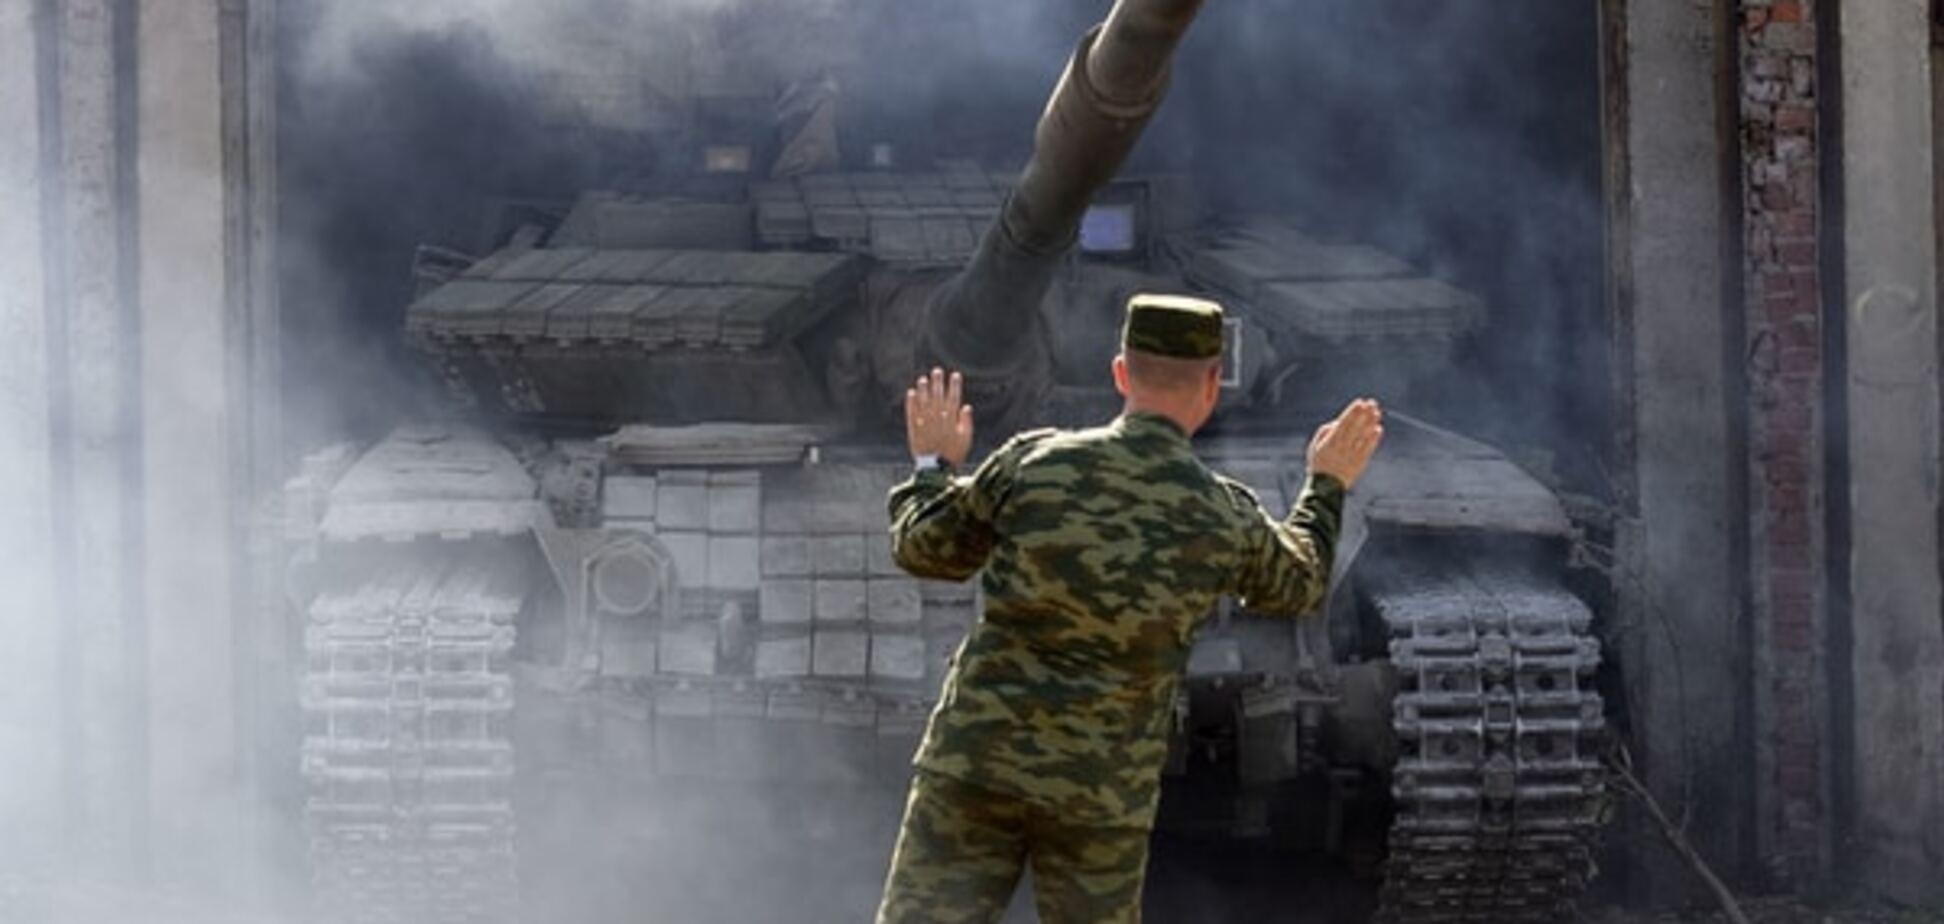 Чують кінець: терористи 'ЛНР' і 'ДНР' масово 'скидають' зброю і боєприпаси